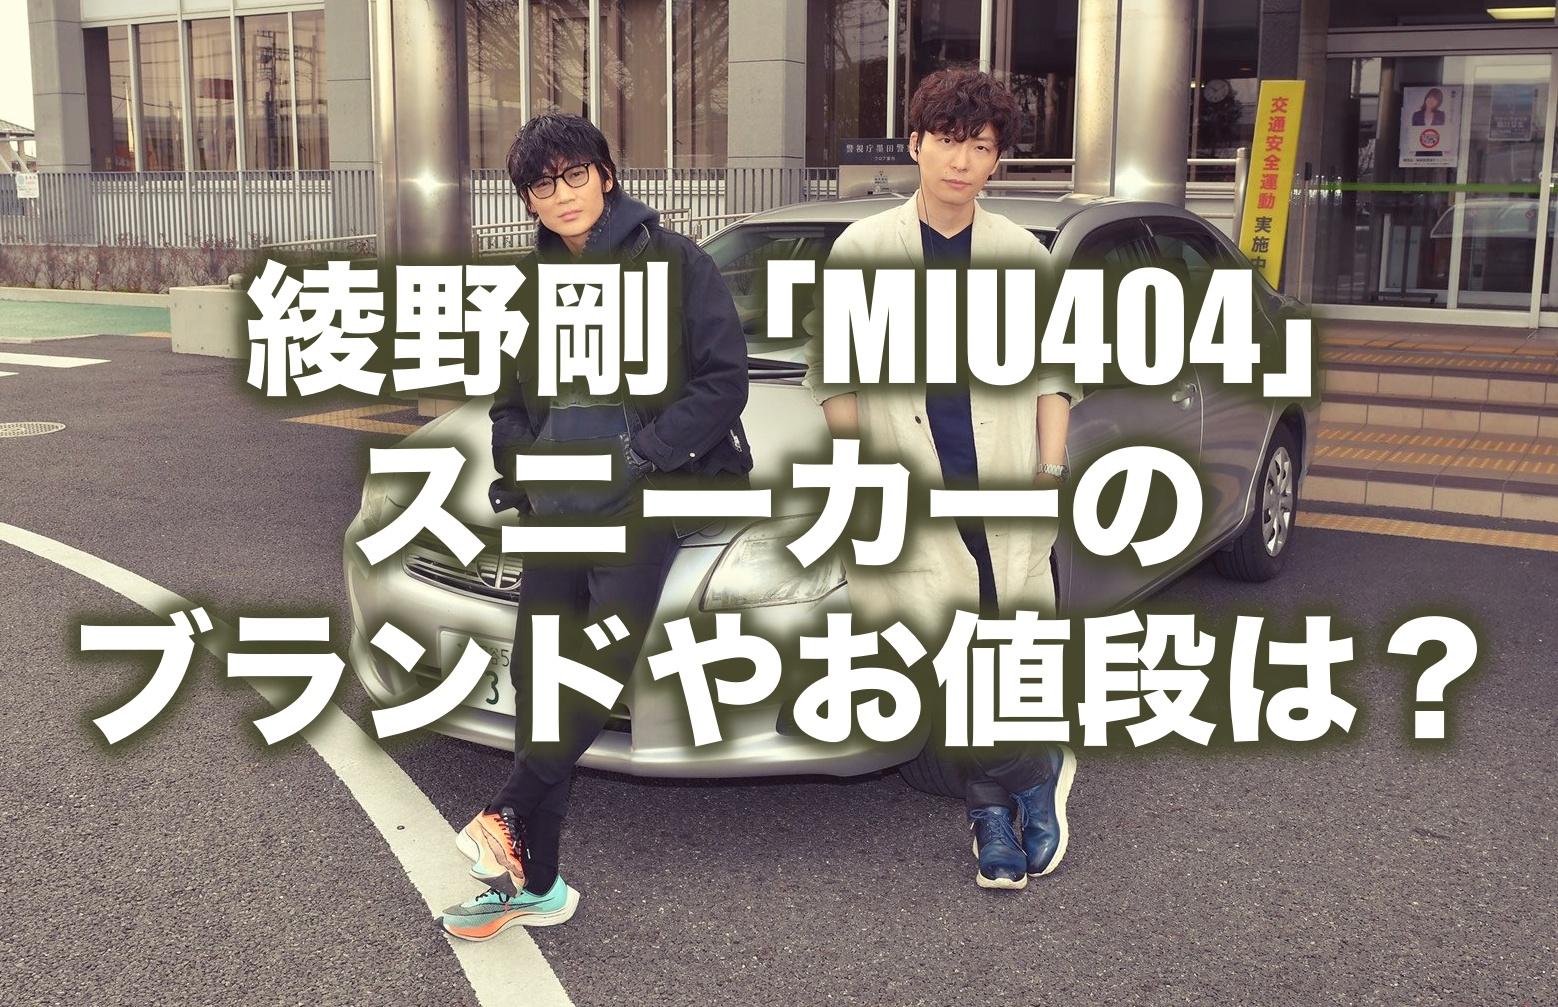 MIU404 スニーカー